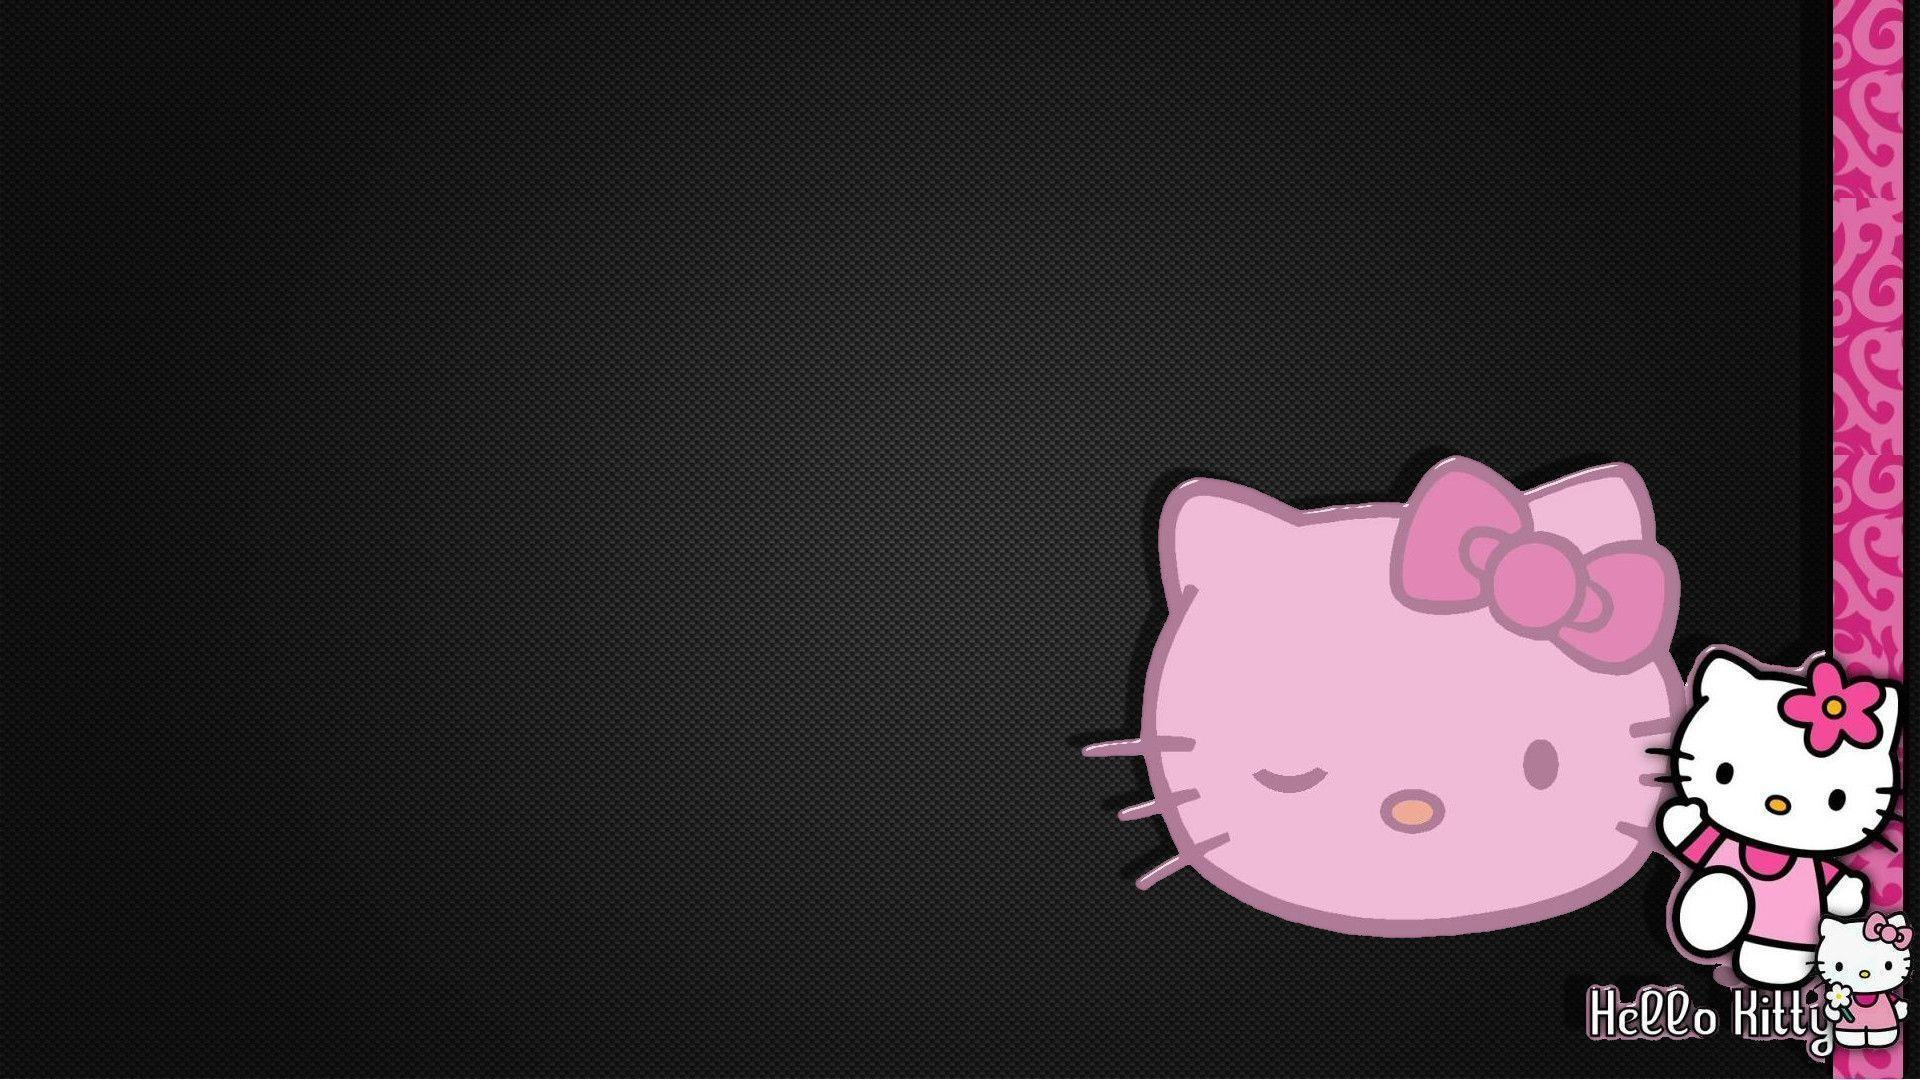 <b>Hello Kitty</b> Screensavers <b>Wallpapers Free</b>, <b>Hello Kitty</b> Image ...